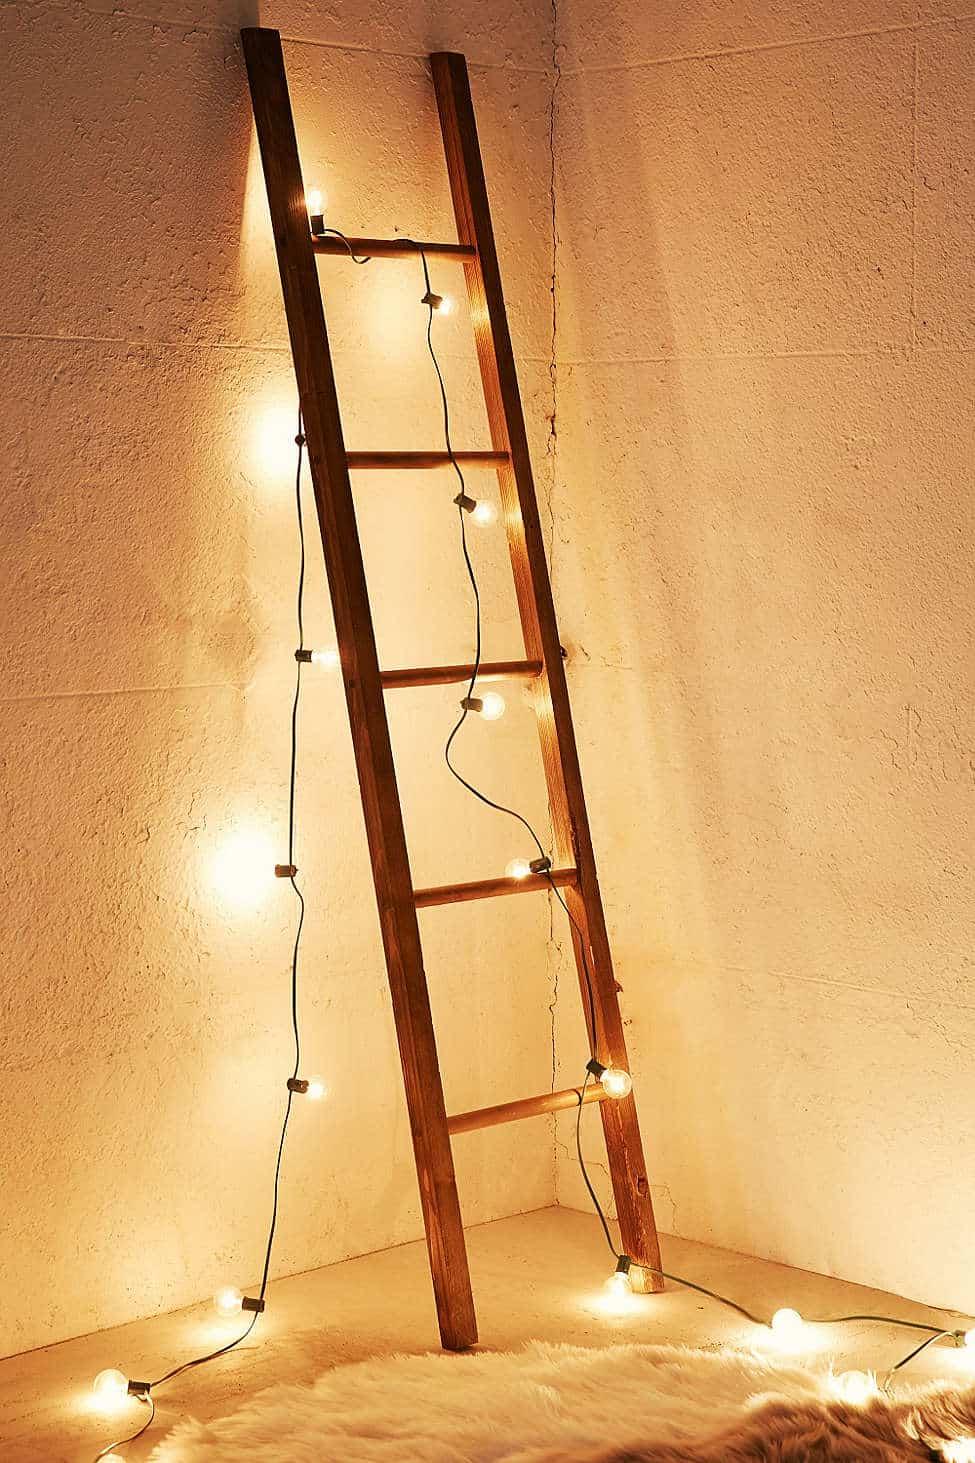 String-Lights-Home-Decor-13-1 Kindesign